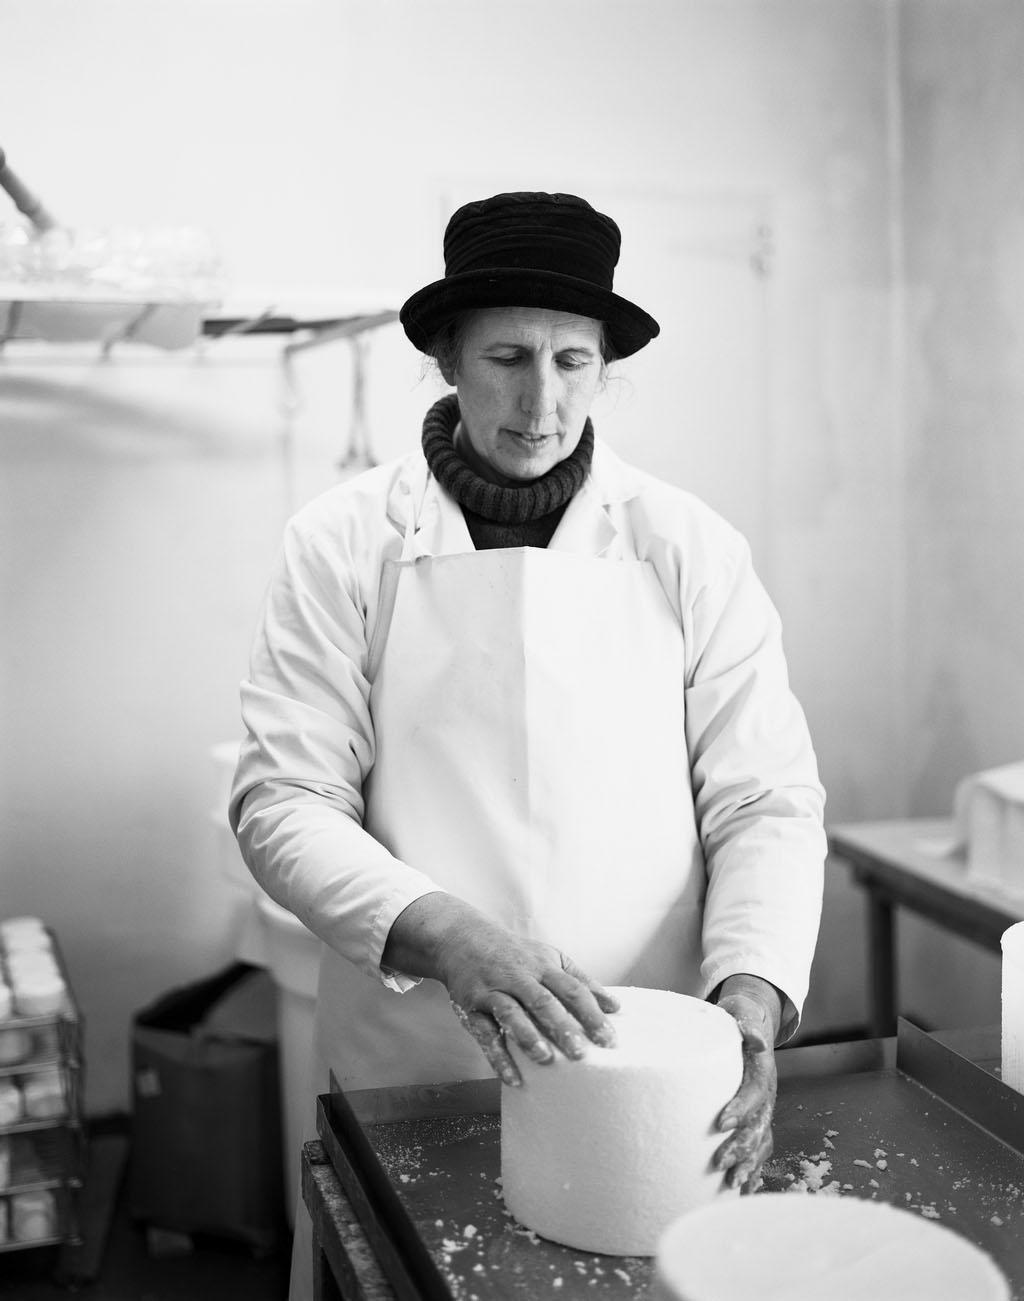 Walz-Jersey_goat cheese maker.jpg